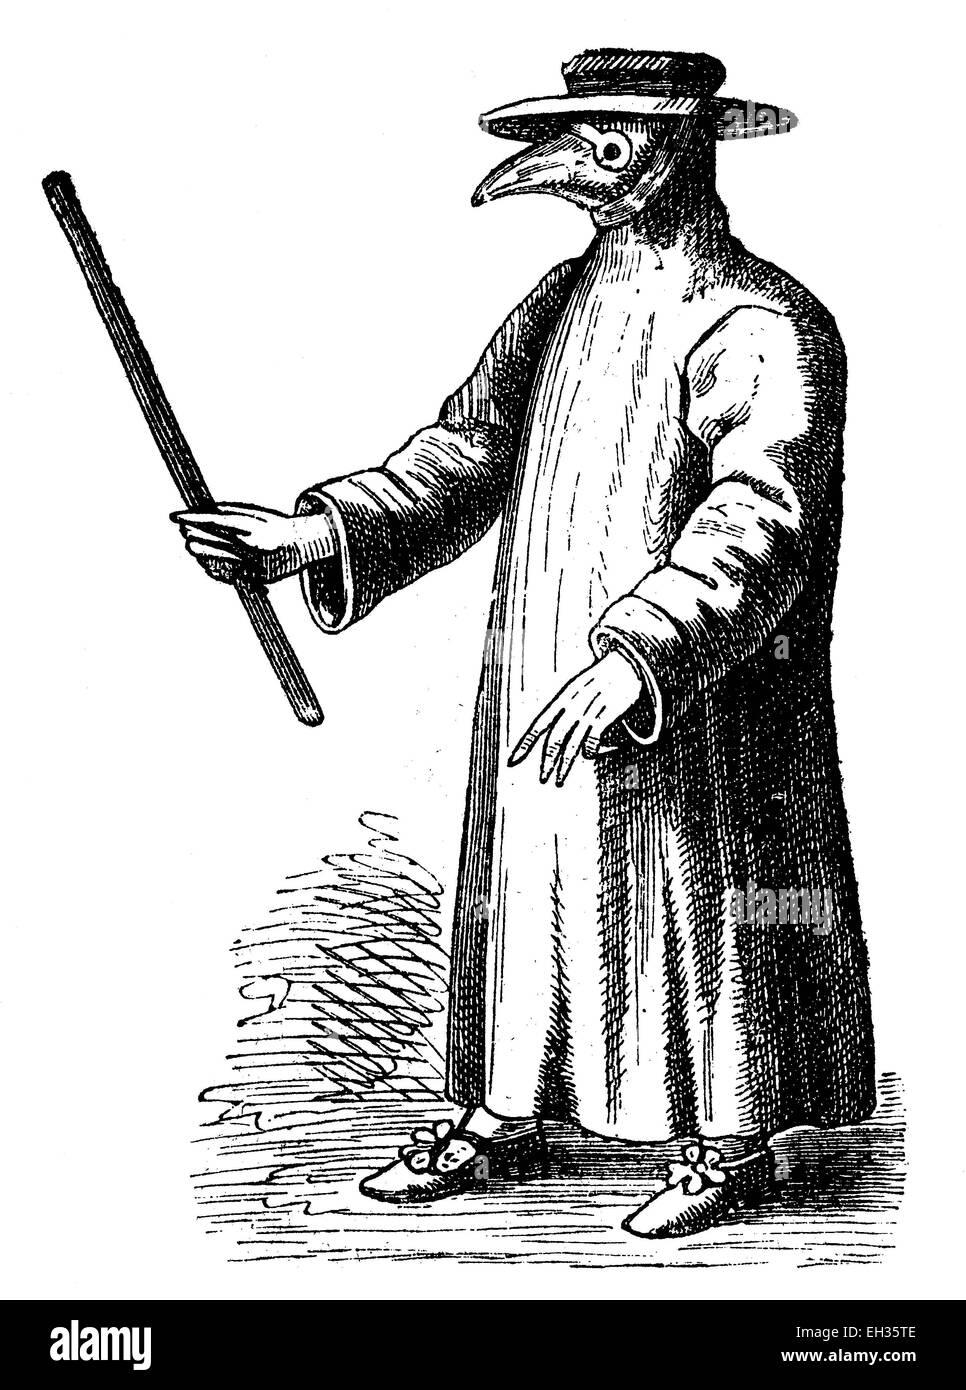 17 Jahrhundert Bild Architektur: Pest-Arzt Aus 17. Jahrhundert, Holzschnitt, Historische